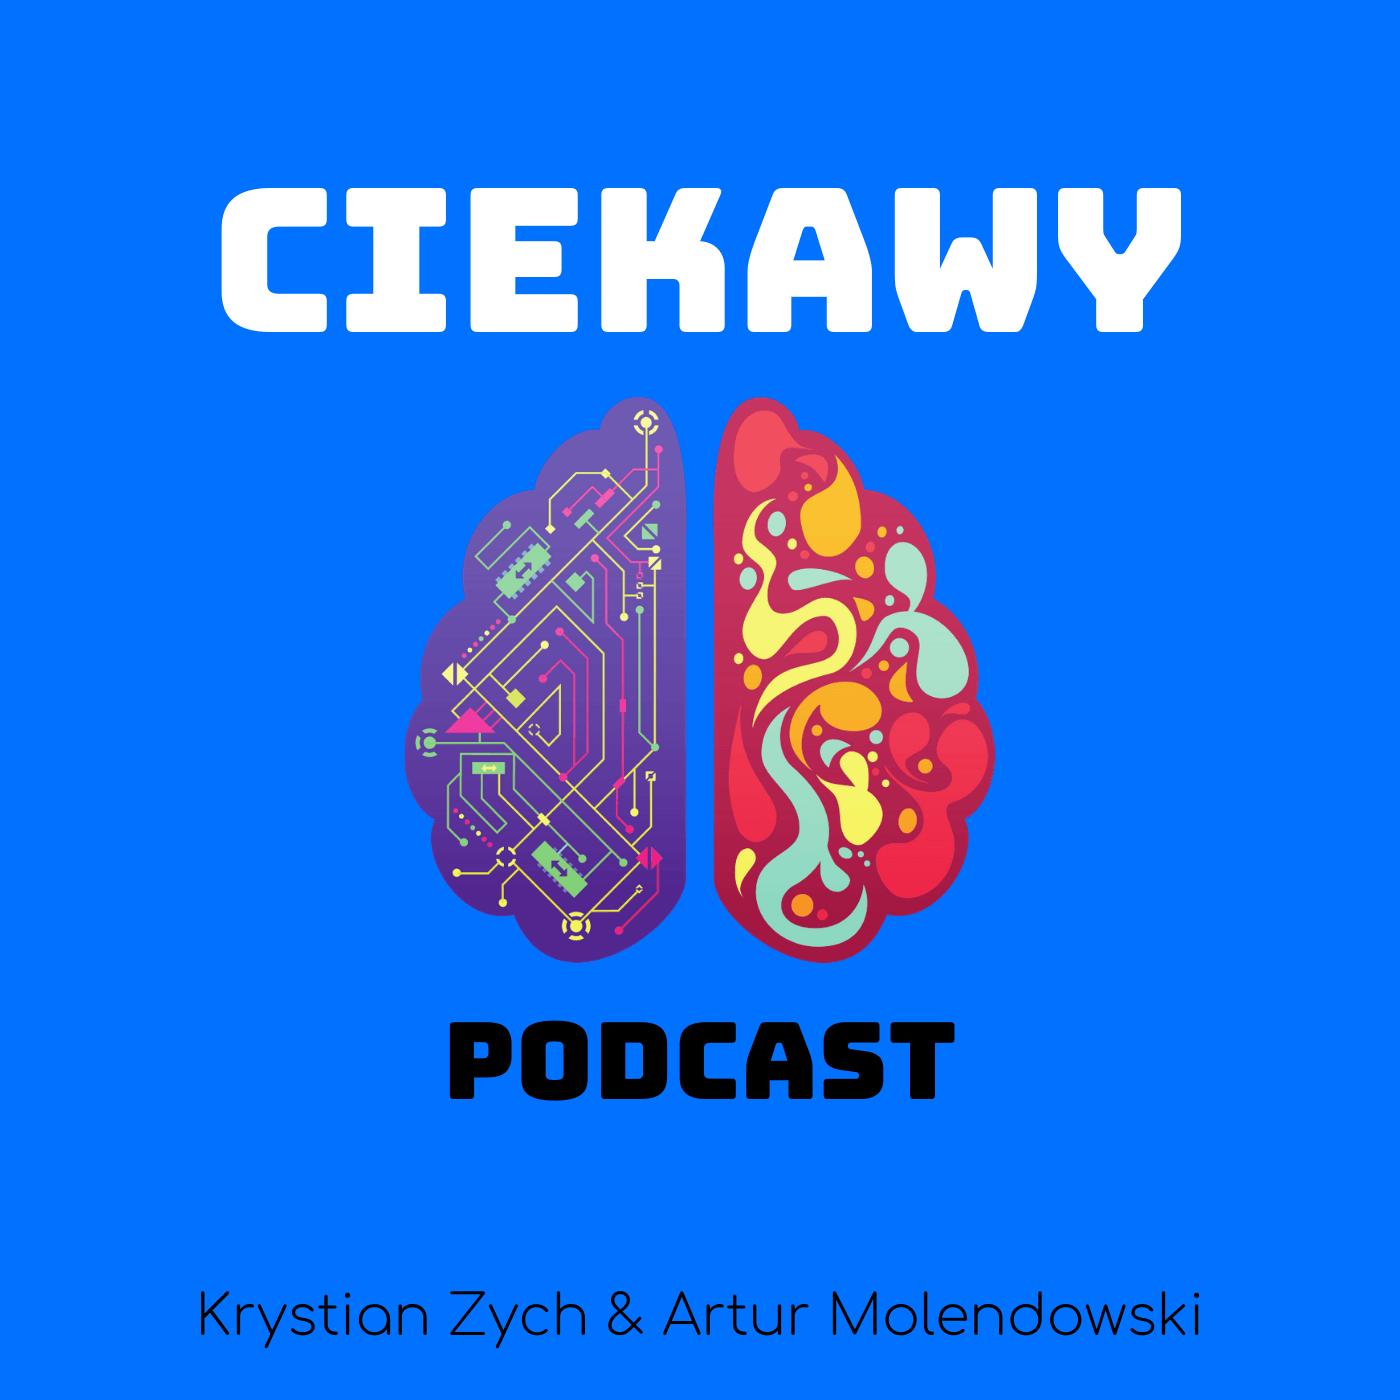 Ciekawy podcast - otwieramy umysły